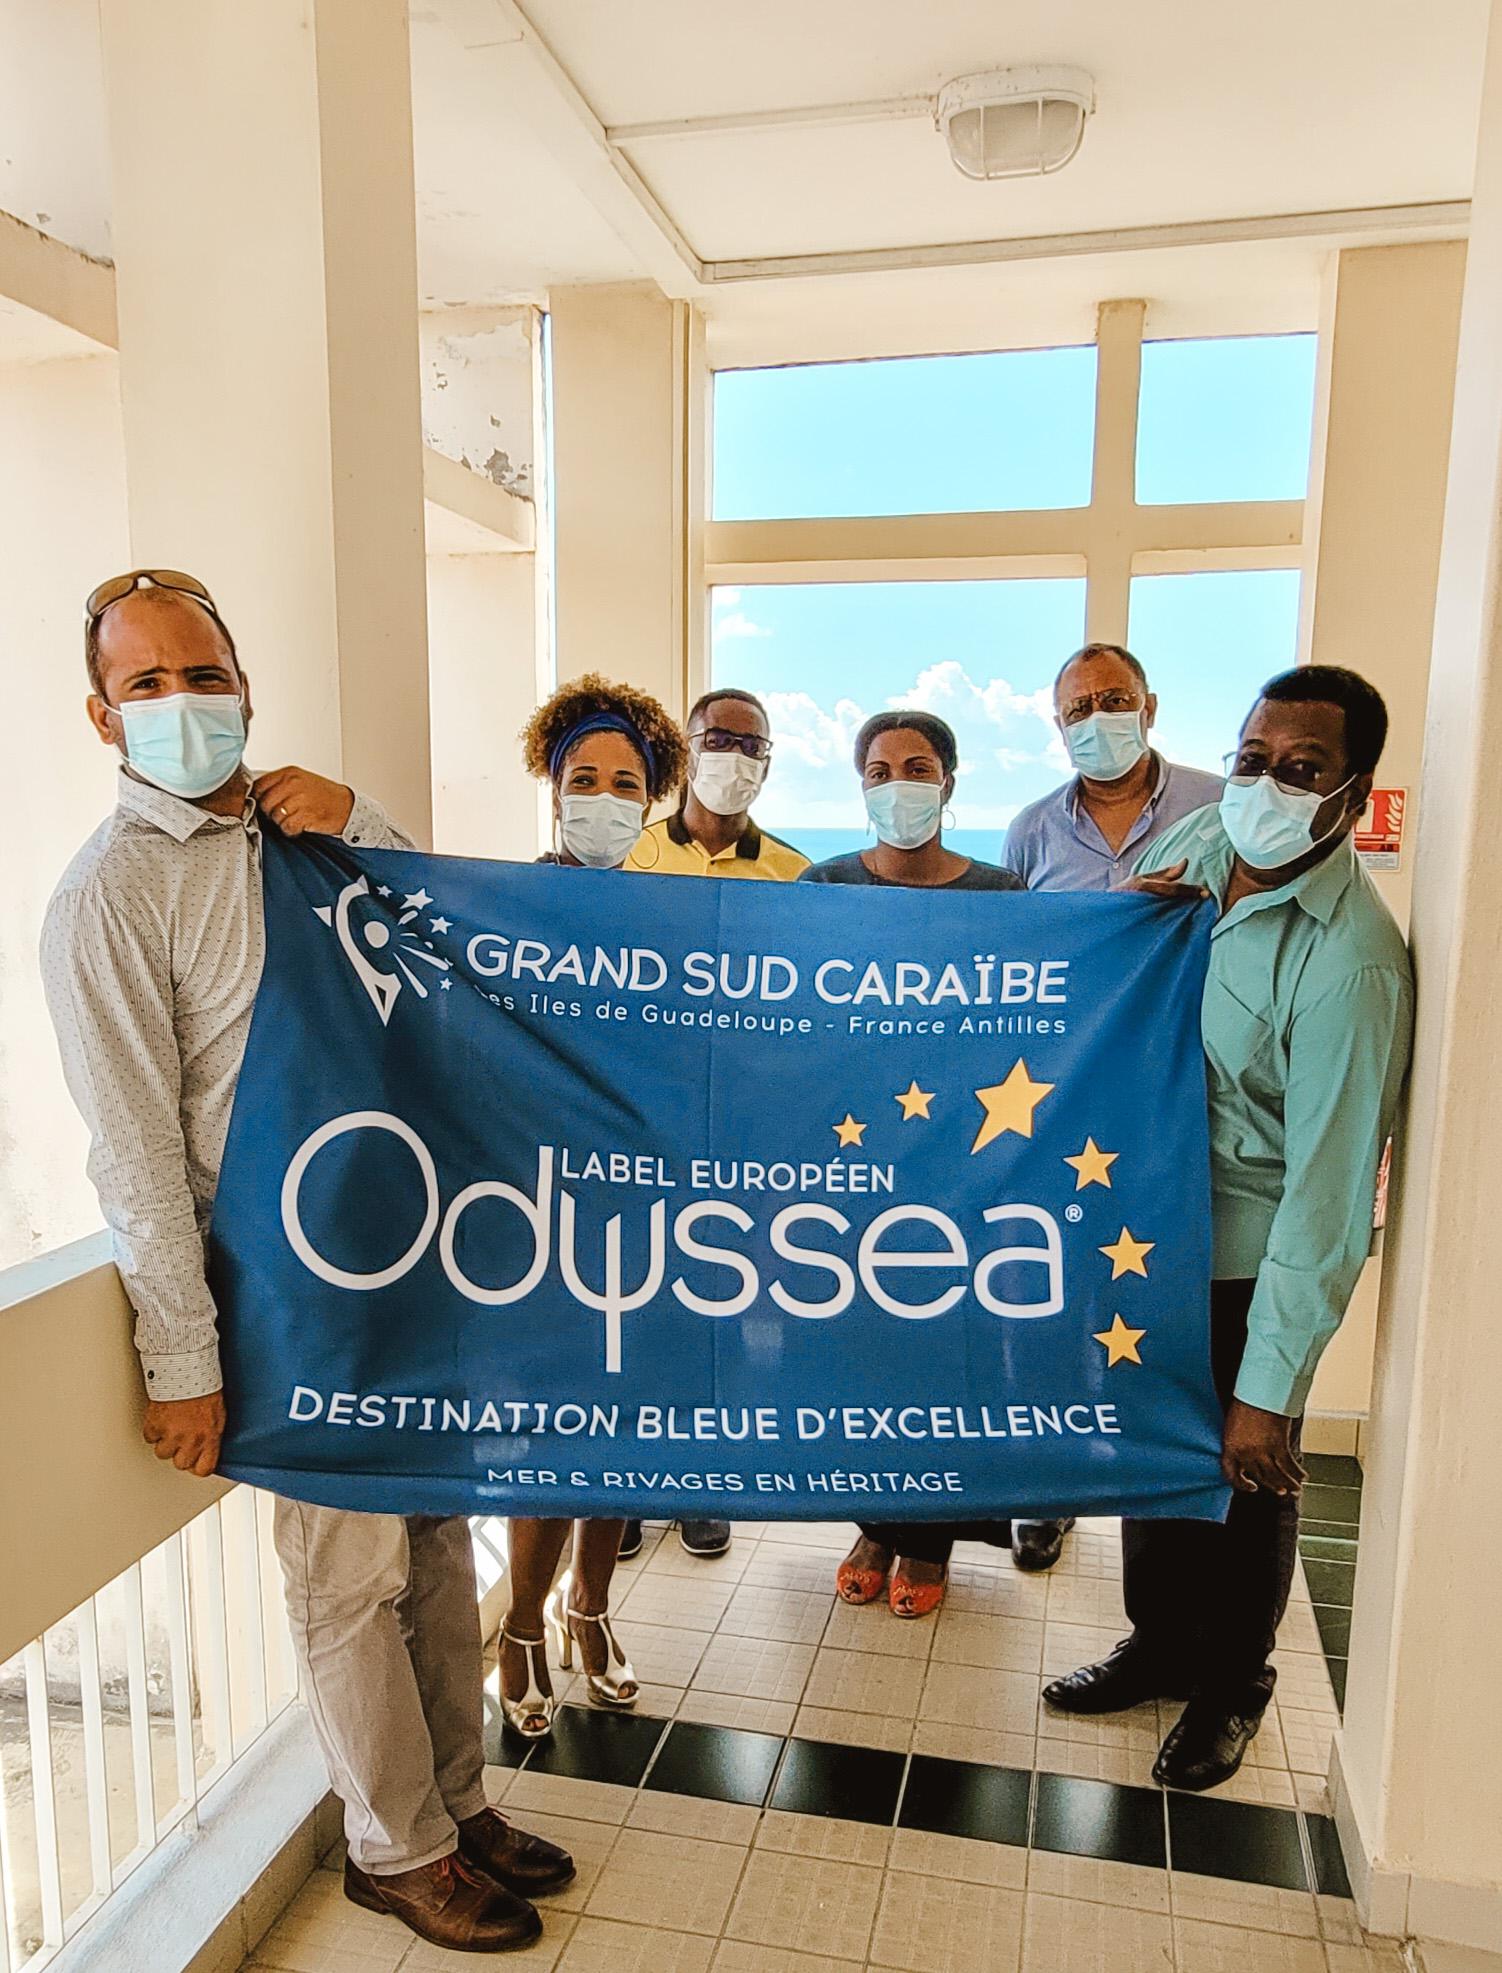 Premier Comité de Pilotage Odyssea Grand Sud Caraïbe sur la mise en tourisme bleue durable de la destination